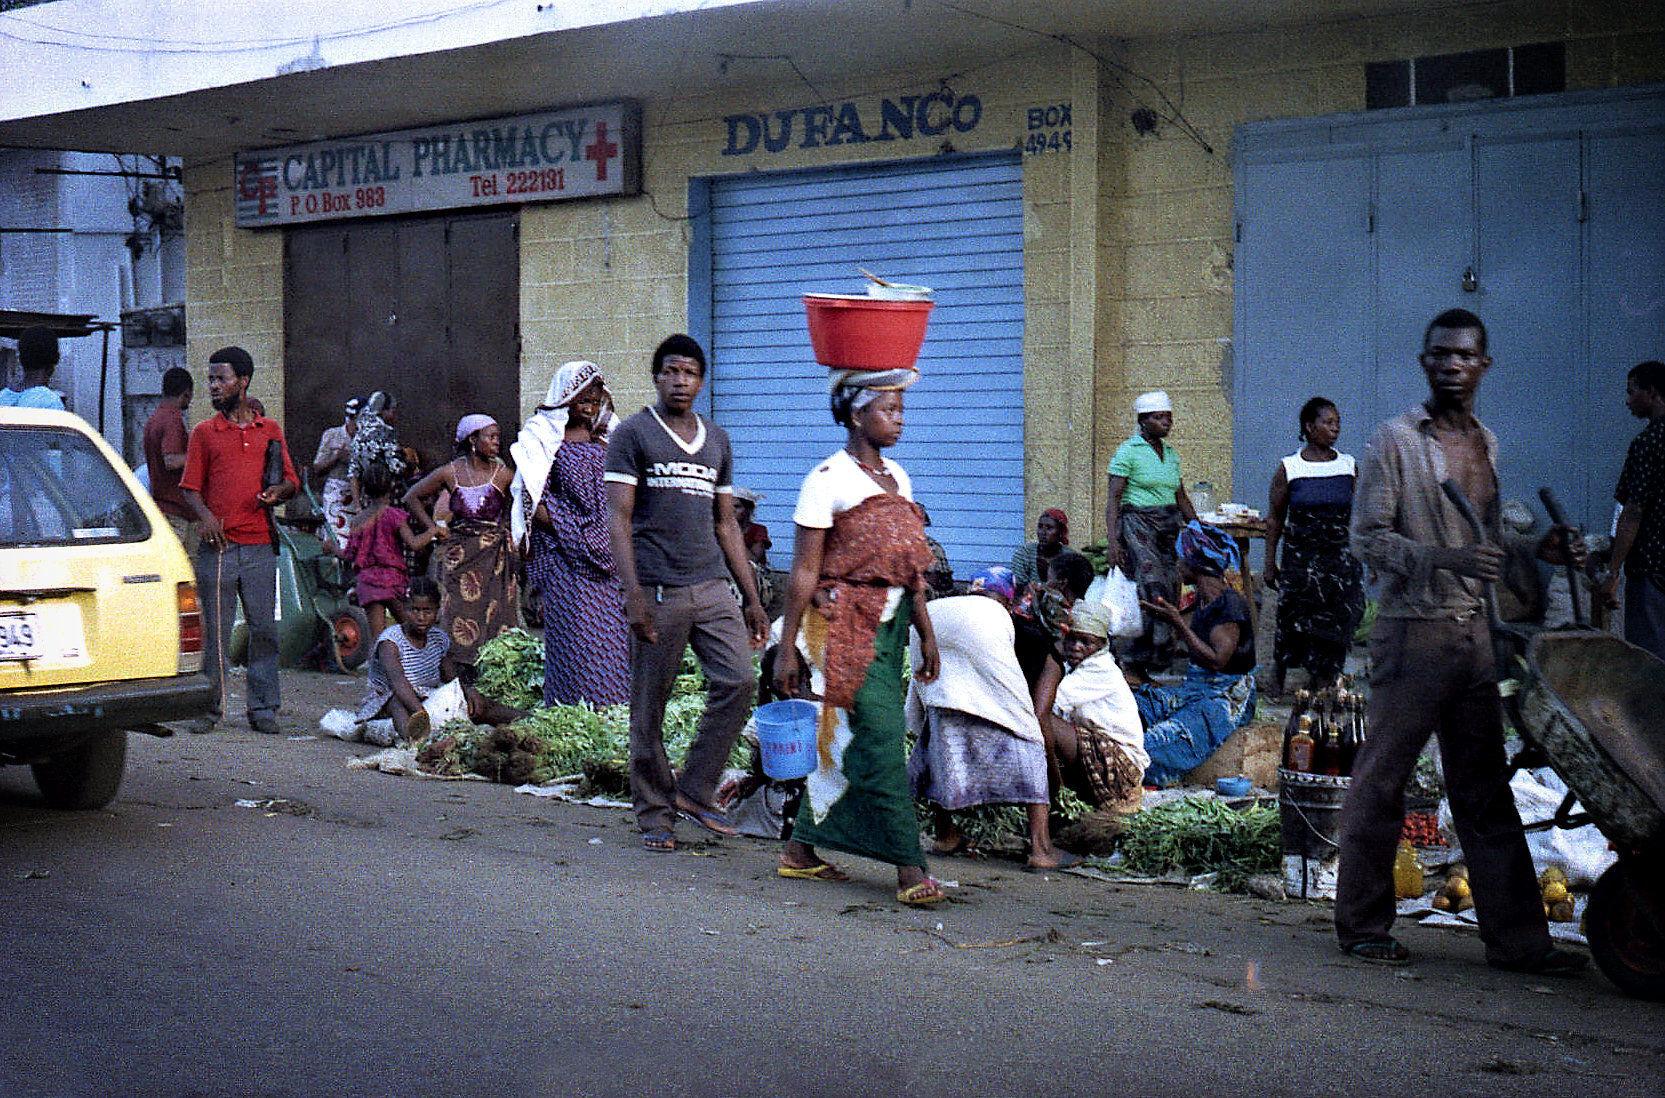 Street Scene_2_1.jpg